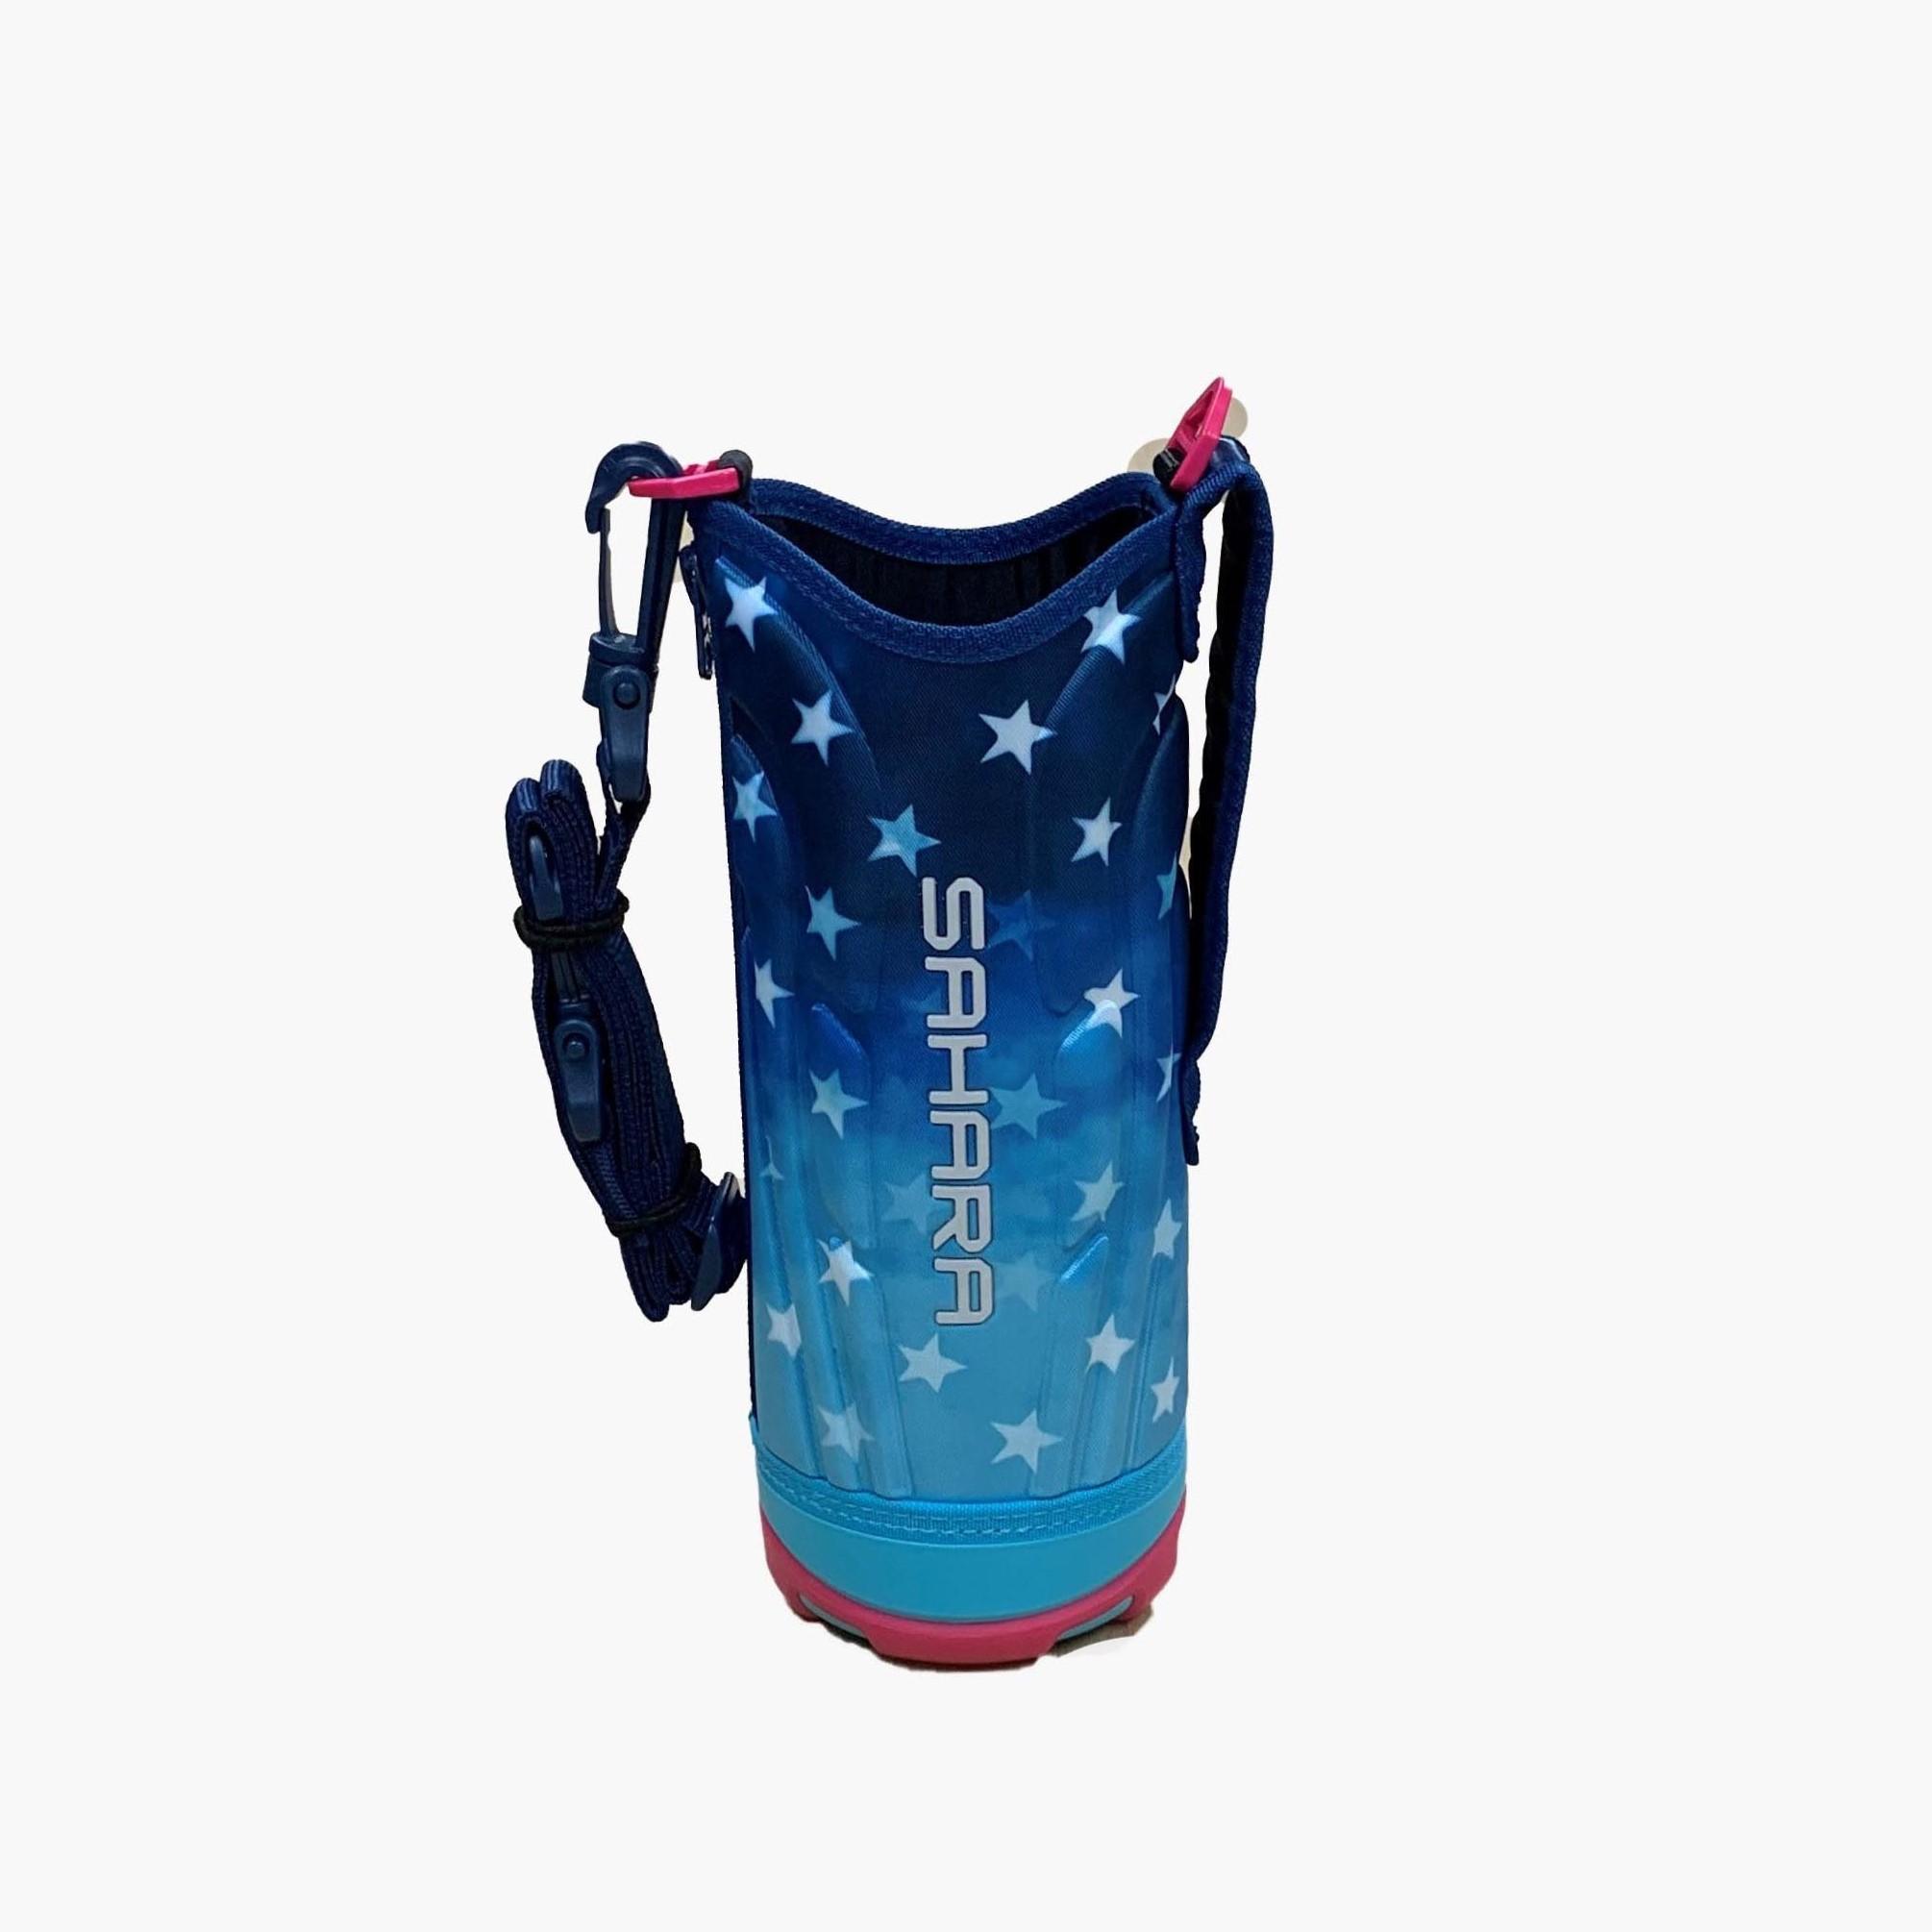 水筒ケース マーケット 水筒ポーチ 水筒カバー ボトルケース ボトルカバー ポーチ部品コード:MME1530 定形外郵便対応可能 サハラクール 誕生日 お祝い タイガーポーチのみステンレスボトル TIGER